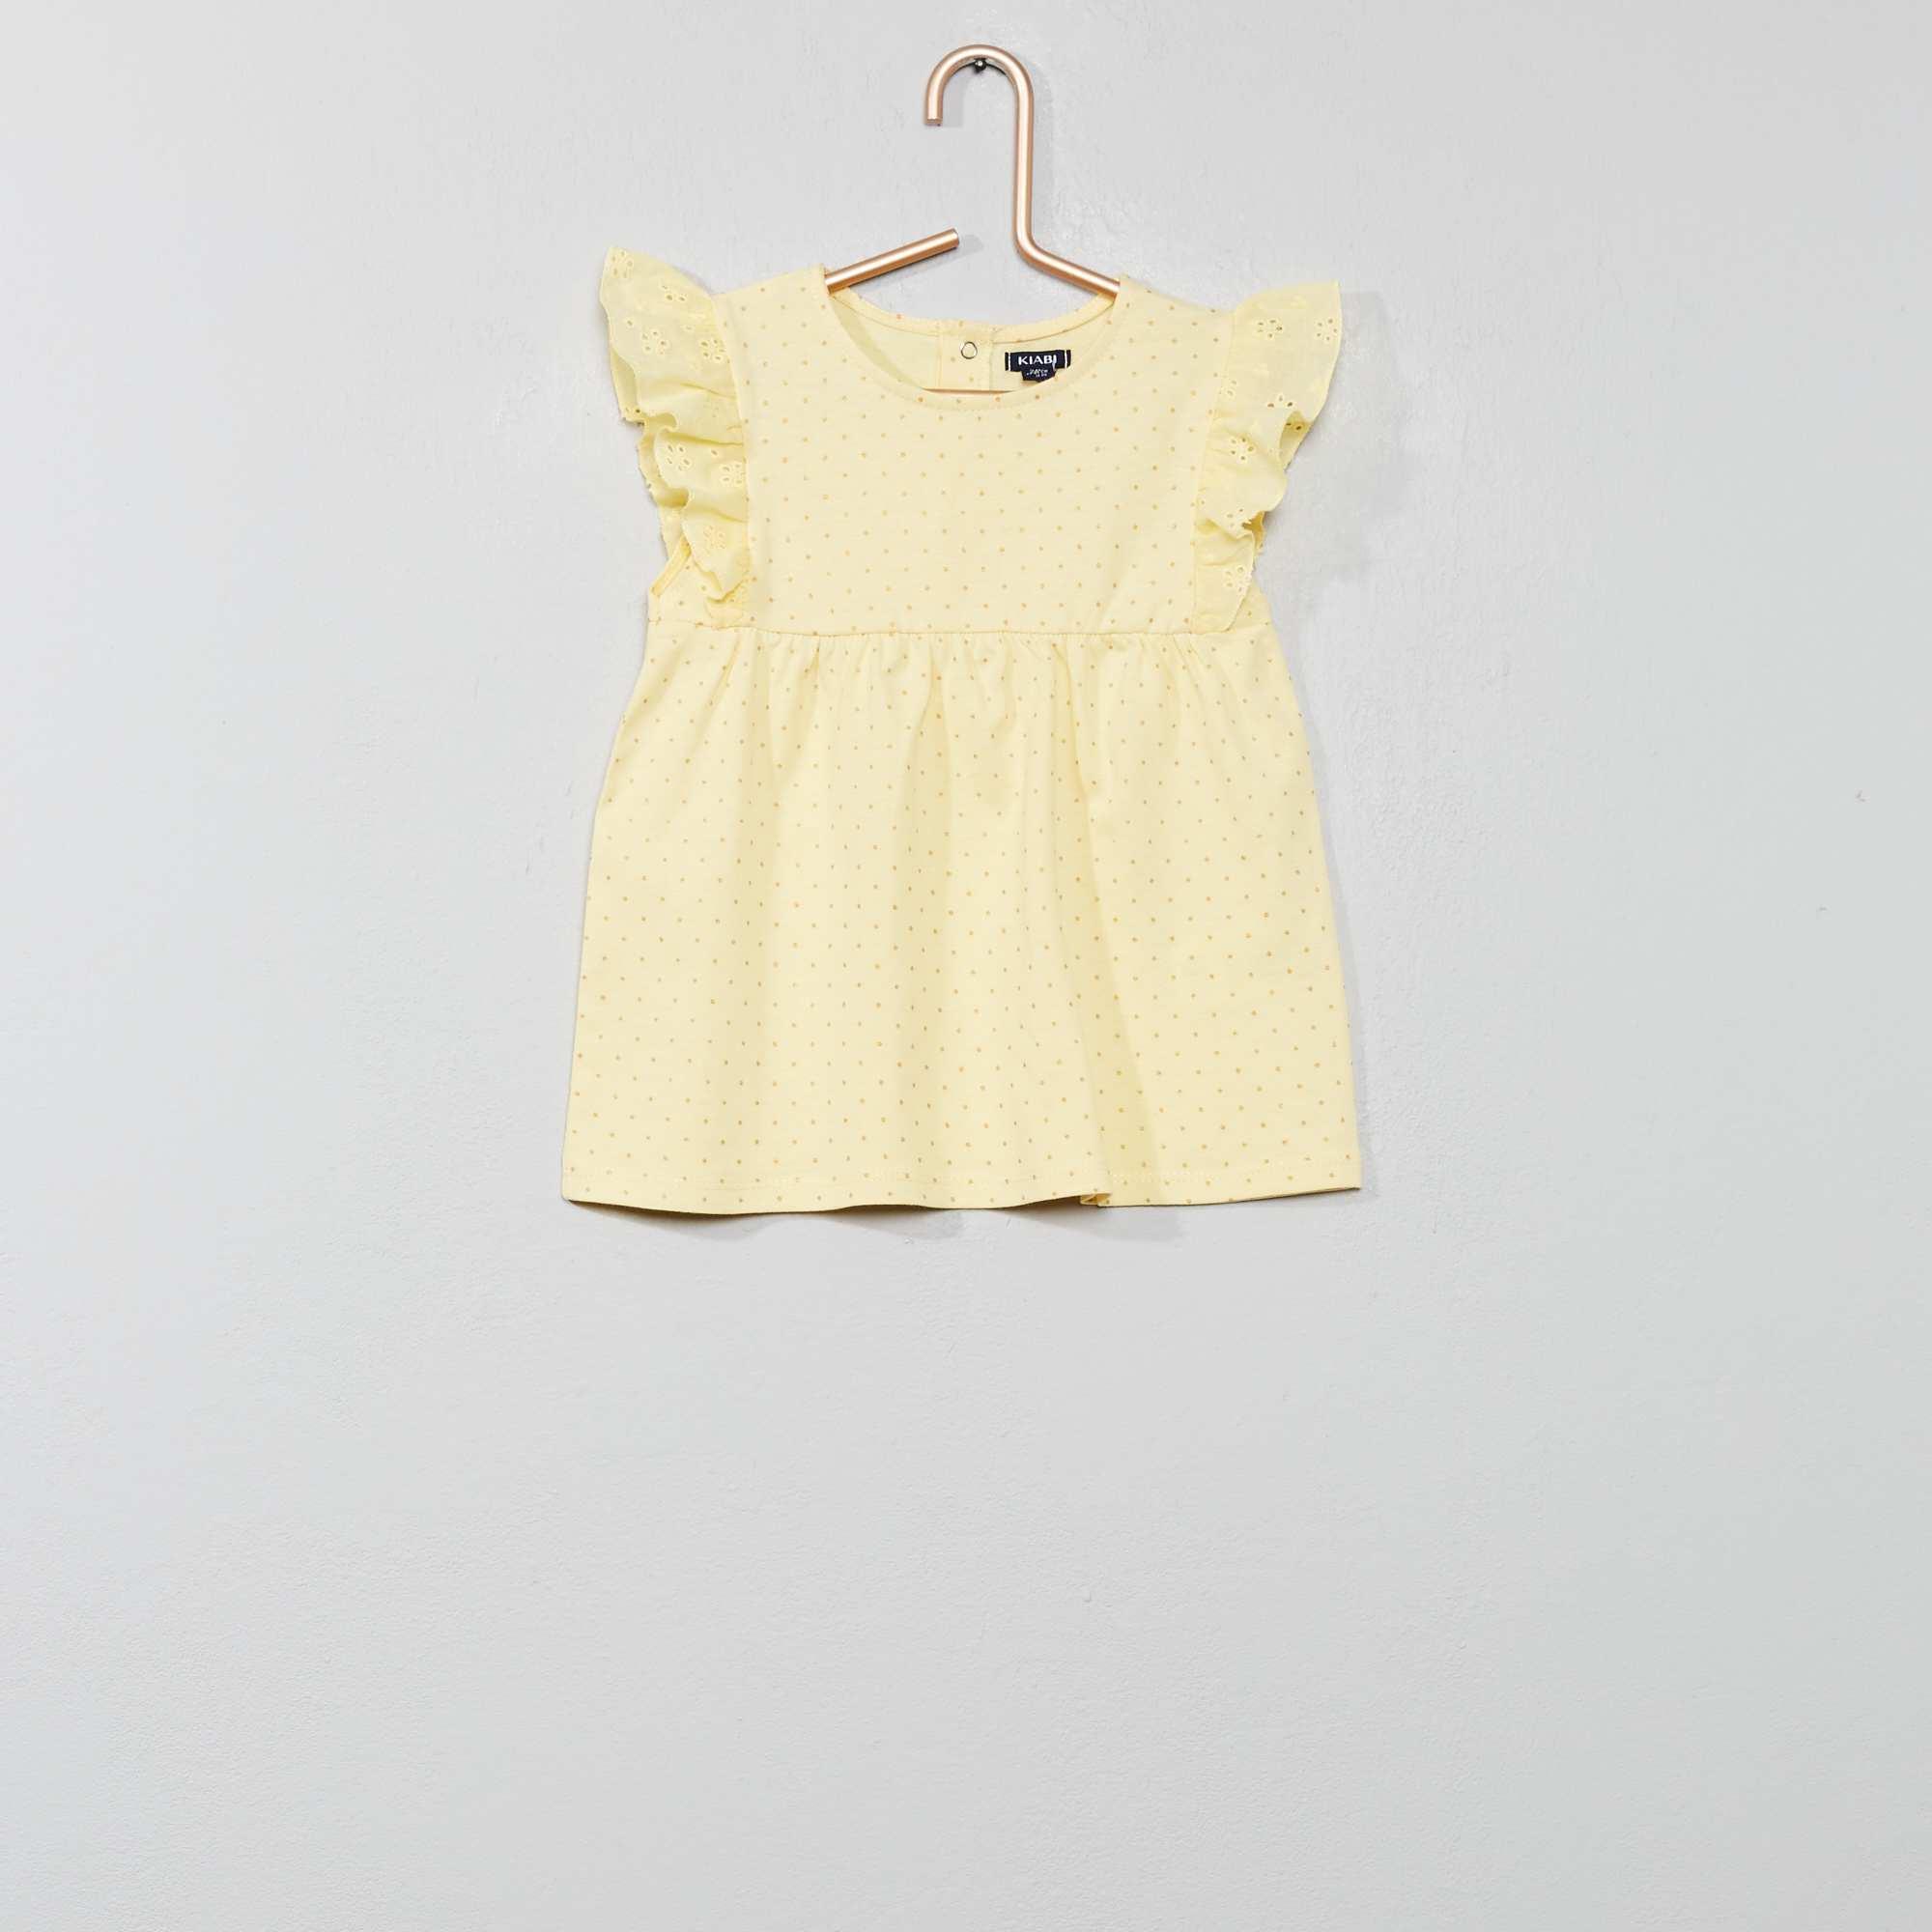 da93b8e0b Camiseta con bordado inglés Bebé niña - AMARILLO - Kiabi - 4